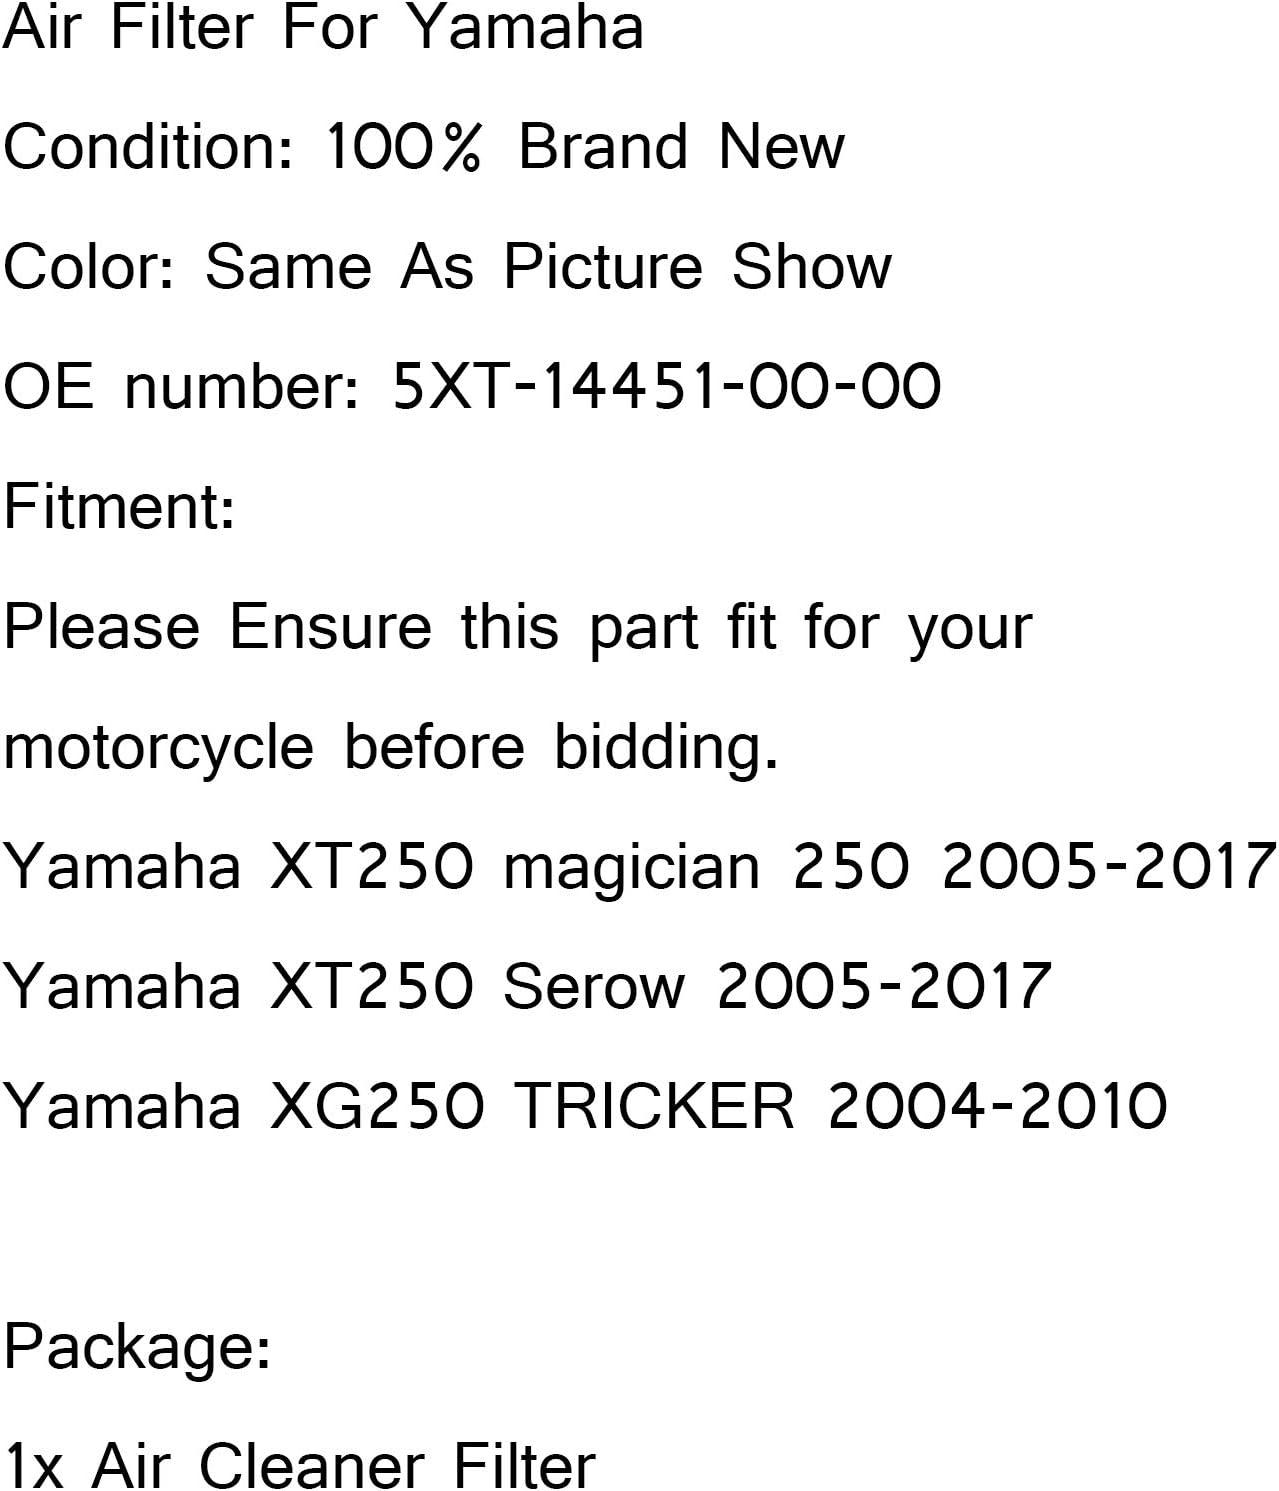 Filtre Dadmission De Nettoyant Filtre Air Filter pour Yamaha XT250 Magician//Serow 250 XG250 Tricker 5XT-14451-00-00 Artudatech Filtre /à Air Moto